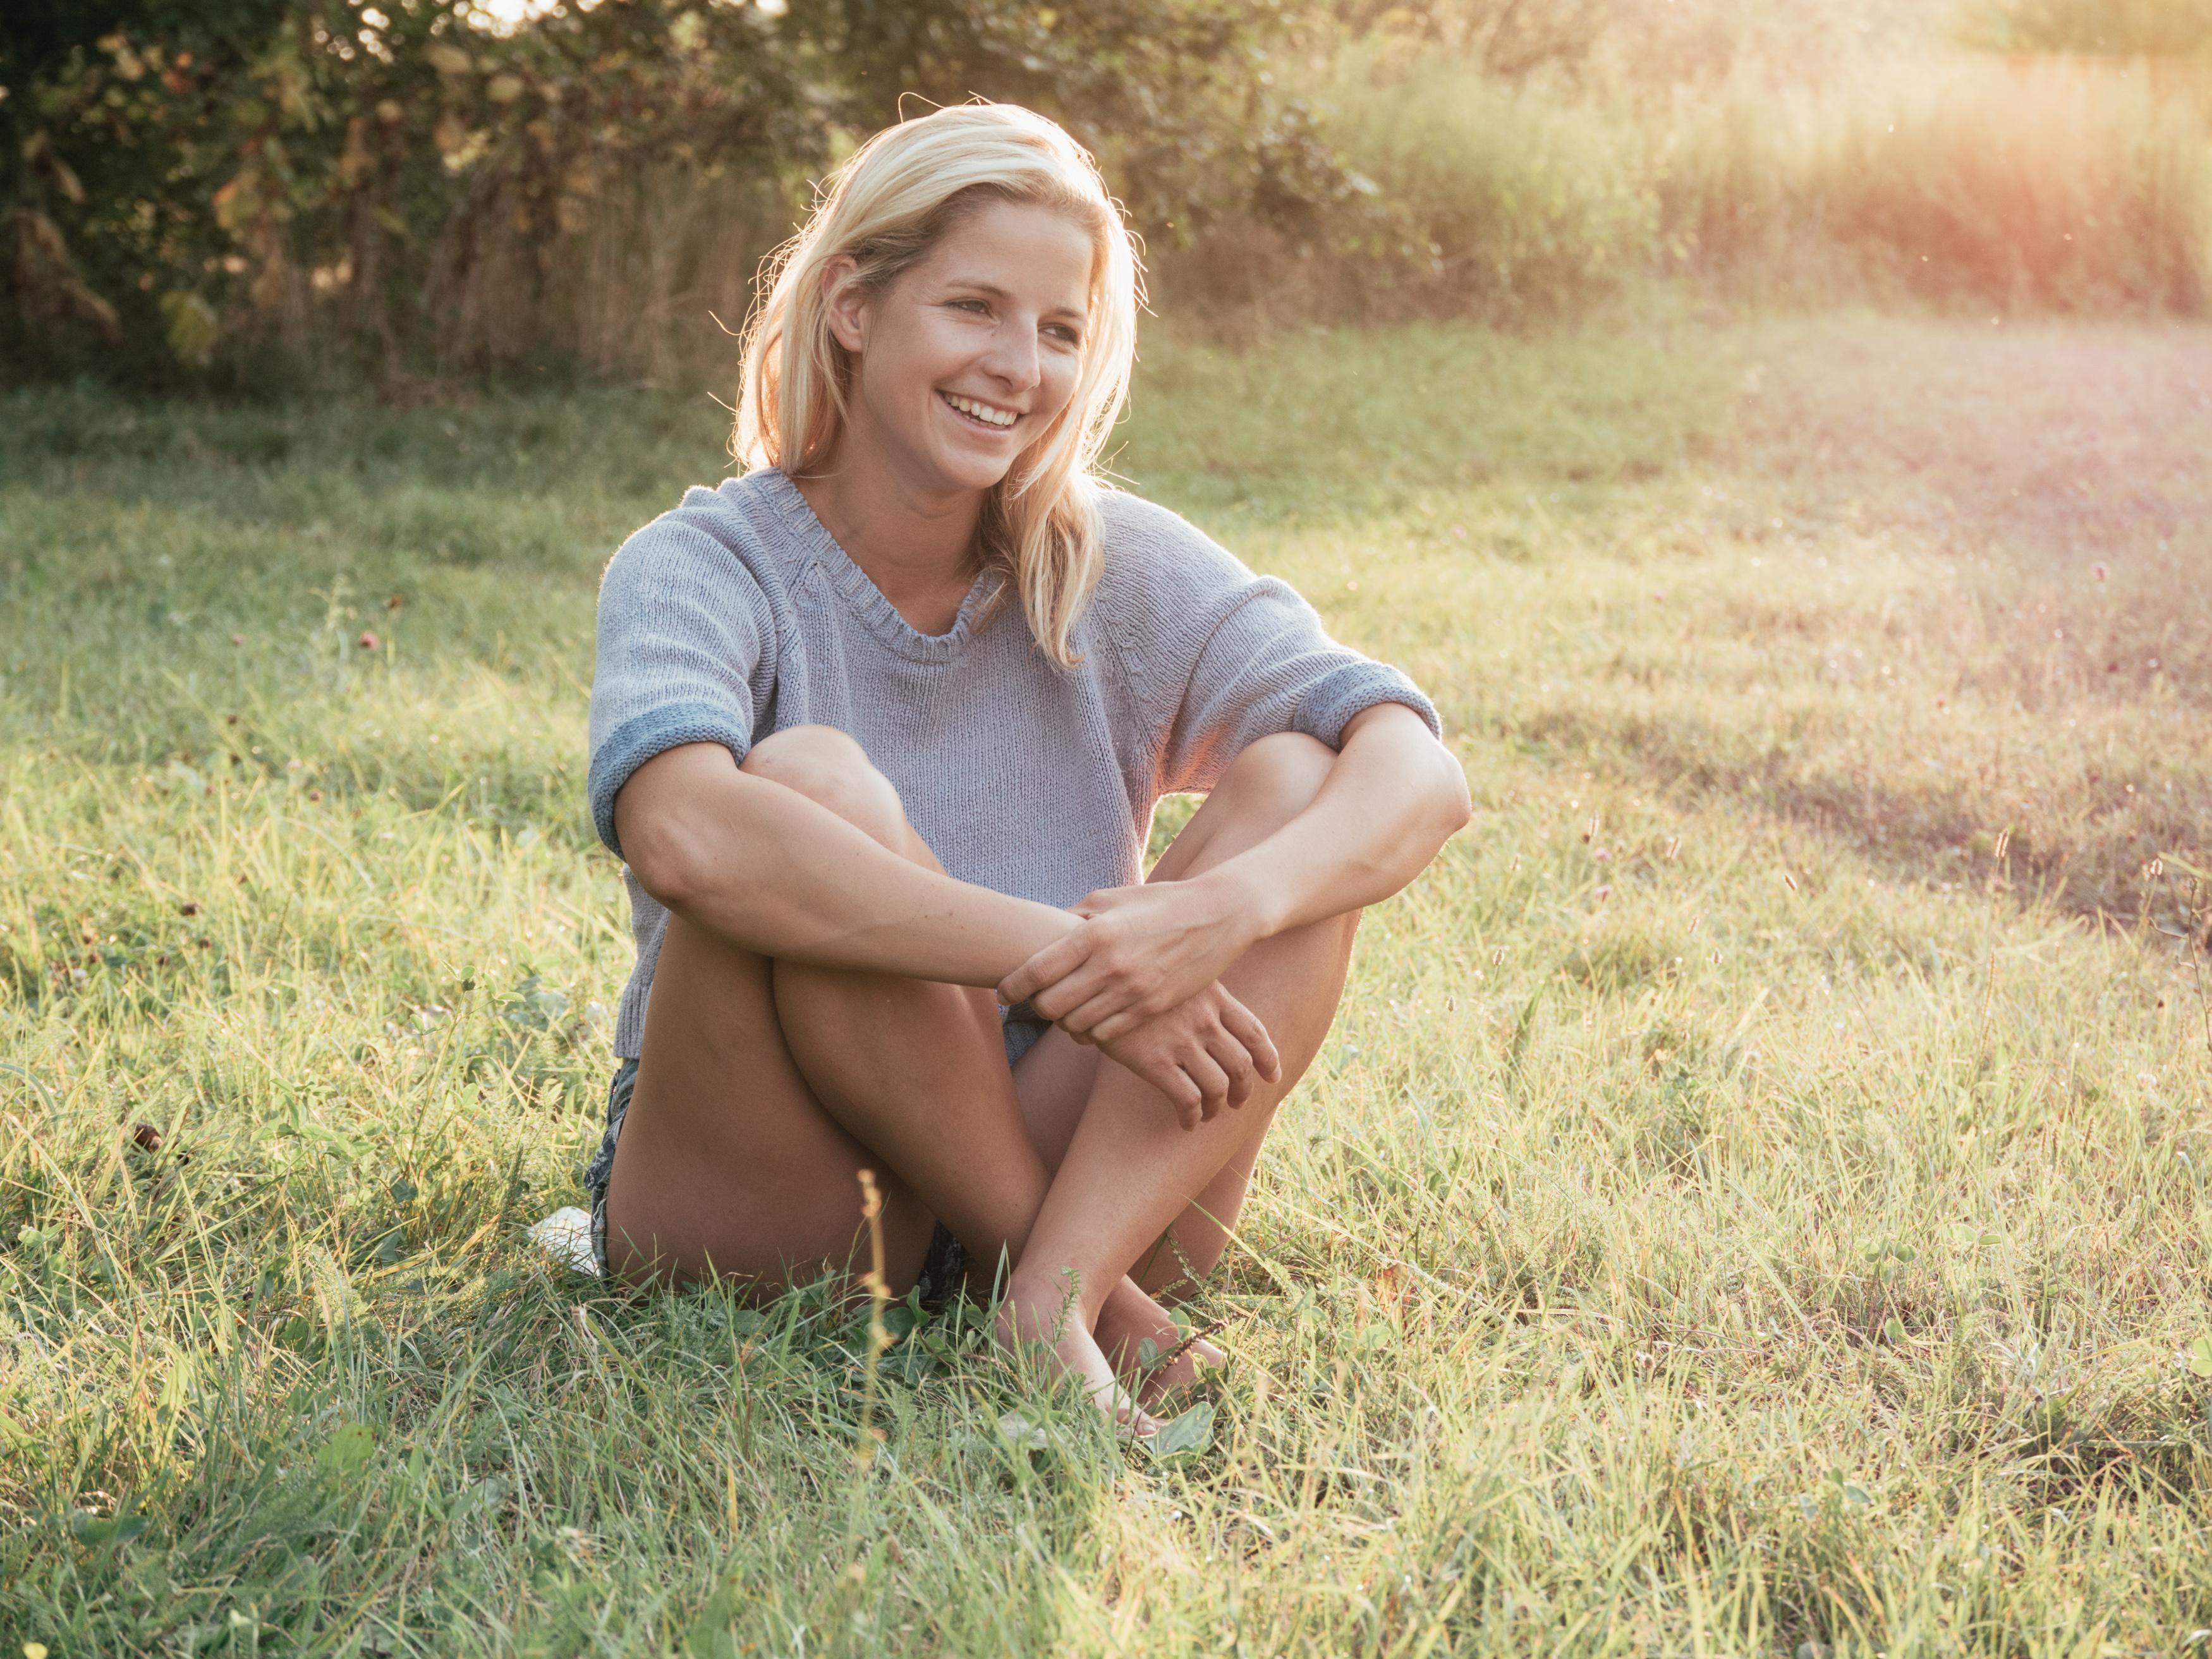 Frau sucht mann fr eine nacht pirka: Wilhering singles kostenlos